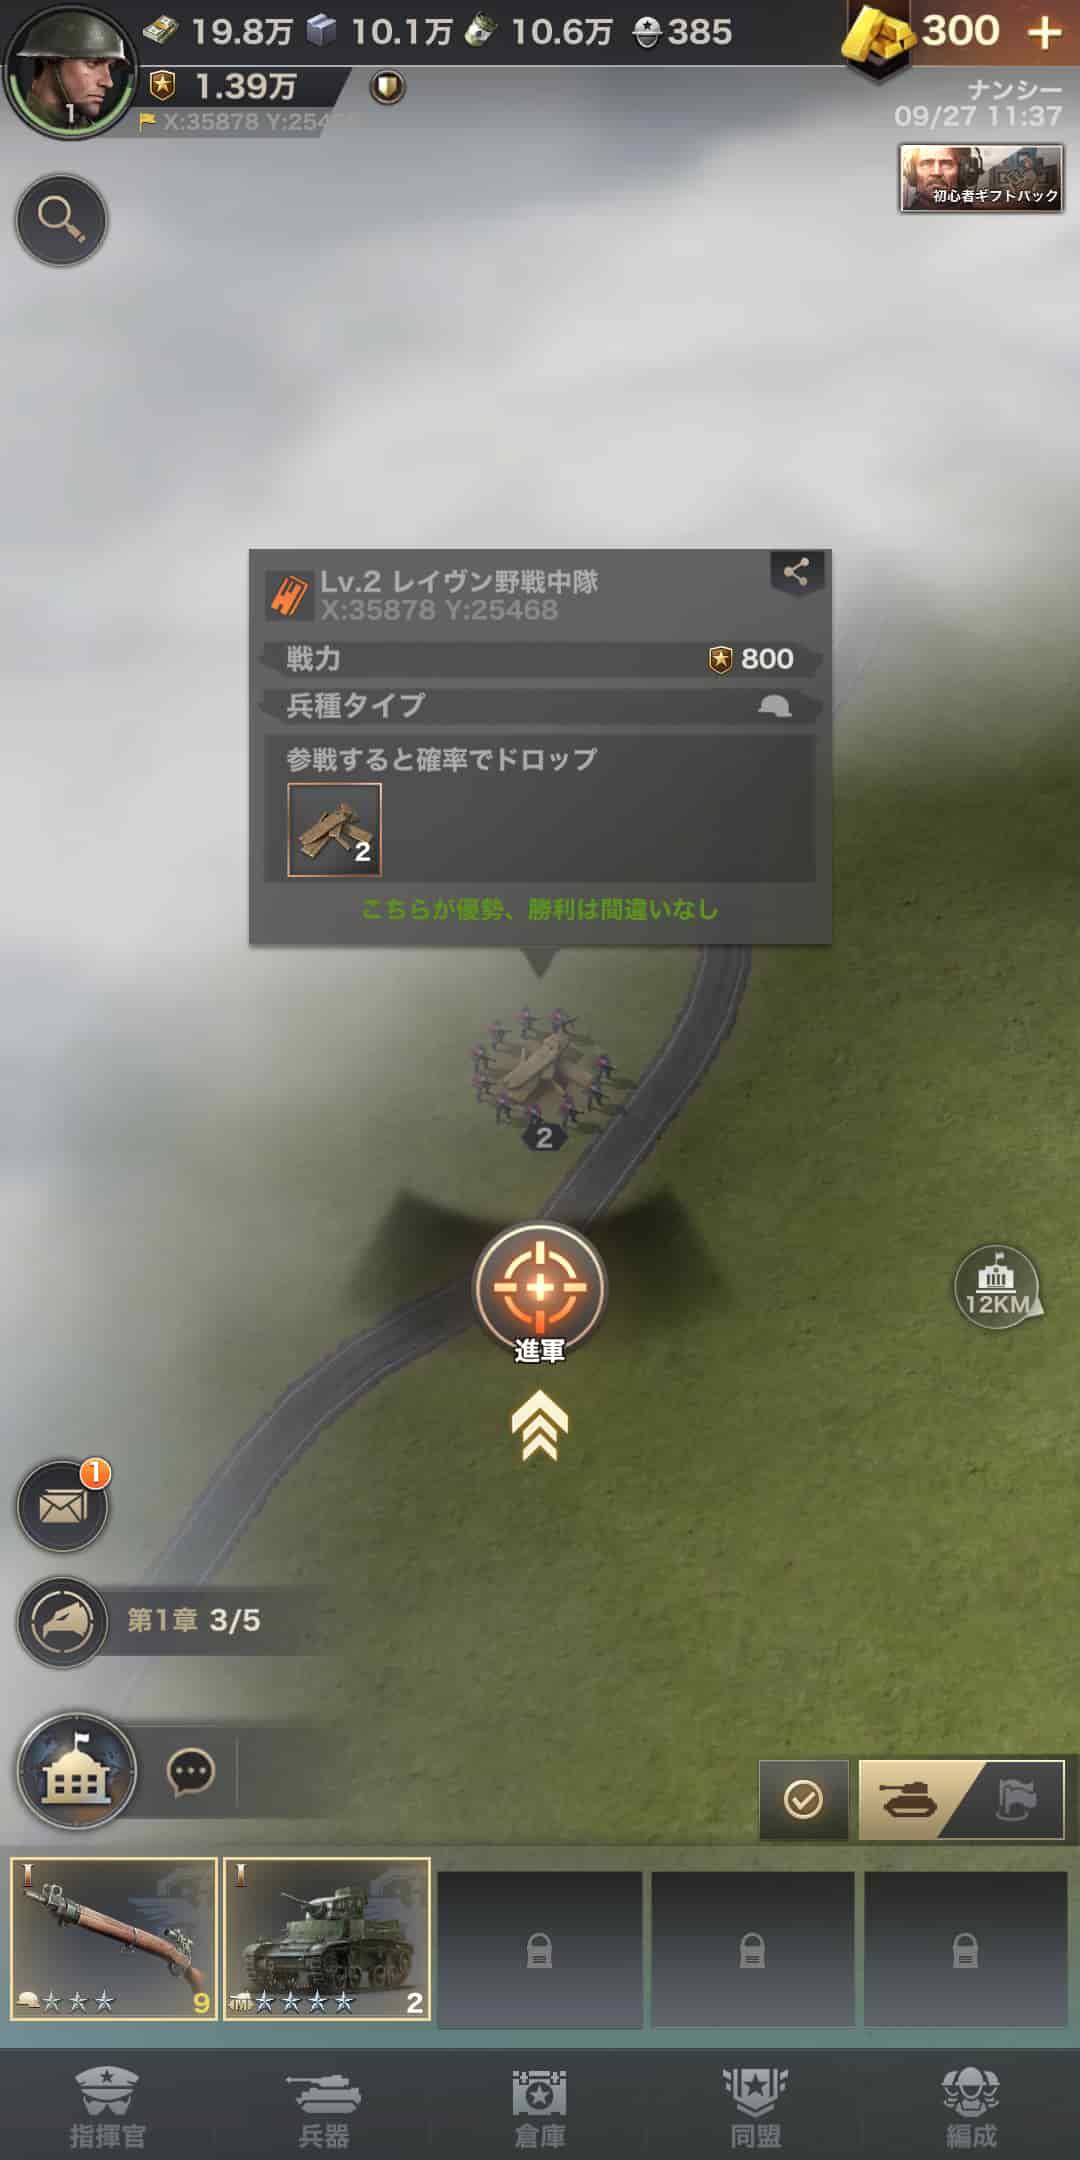 ユニットを指揮して敵部隊を倒す戦争シミュレーションRPG